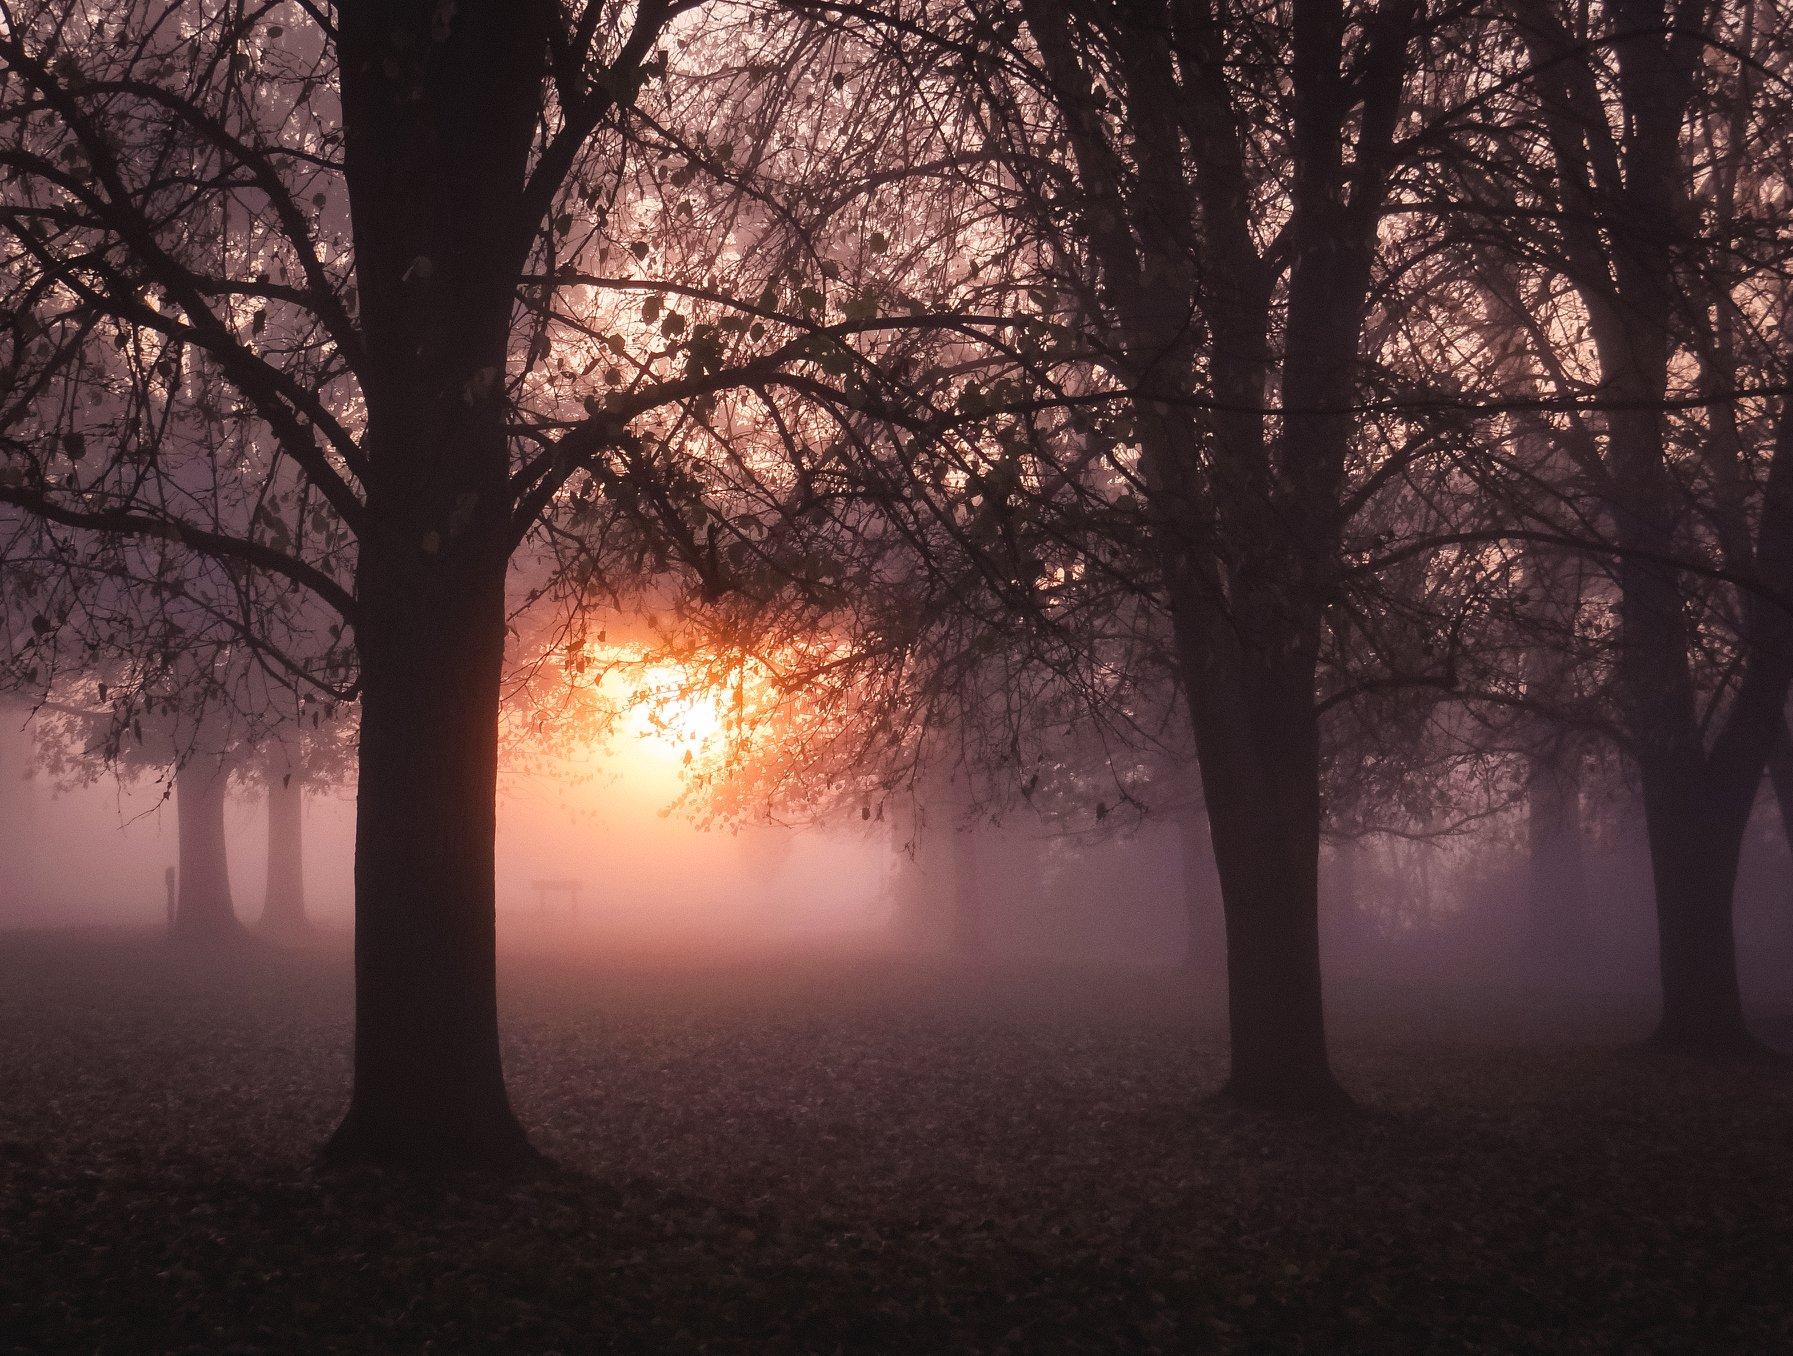 Sun rising through morning fog